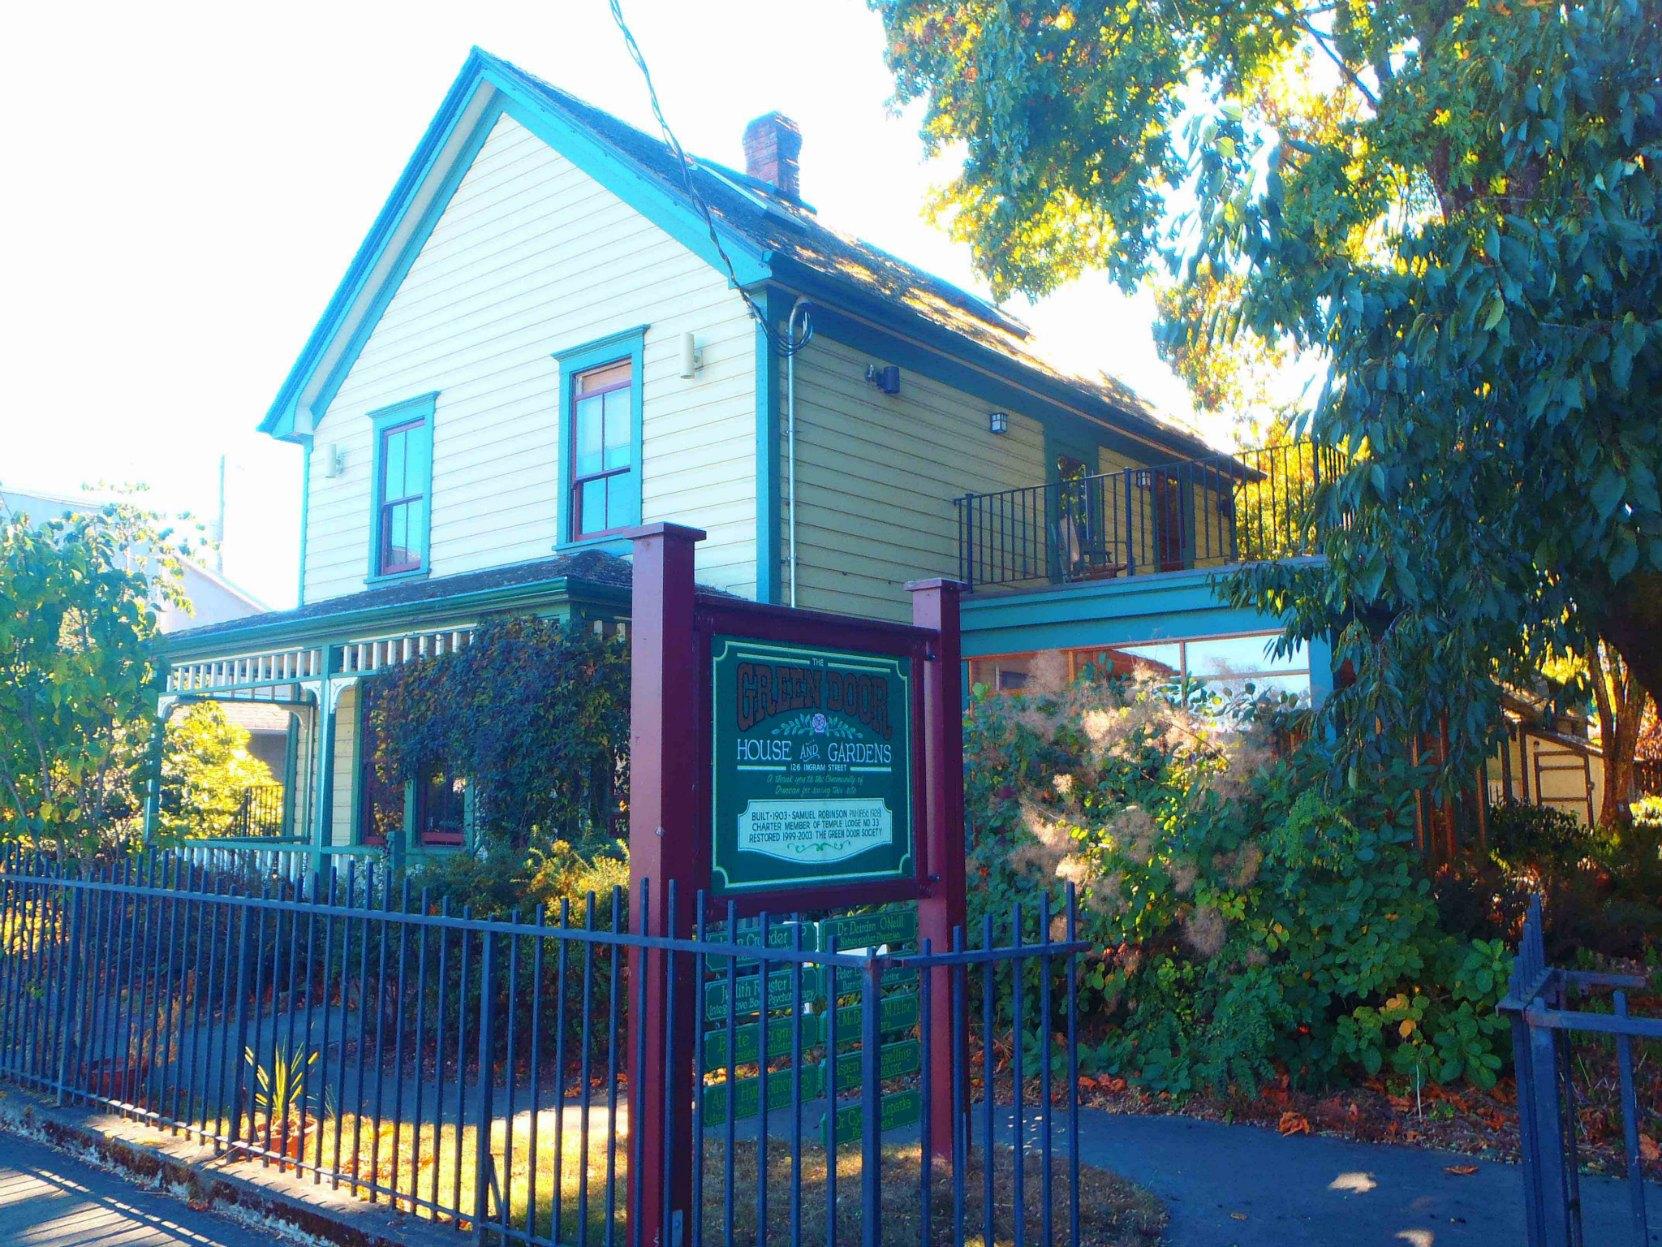 The Green Door, 126 Ingram Street. Built in 1903 for Andrew Hans Peterson by contractor Samuel Robinson